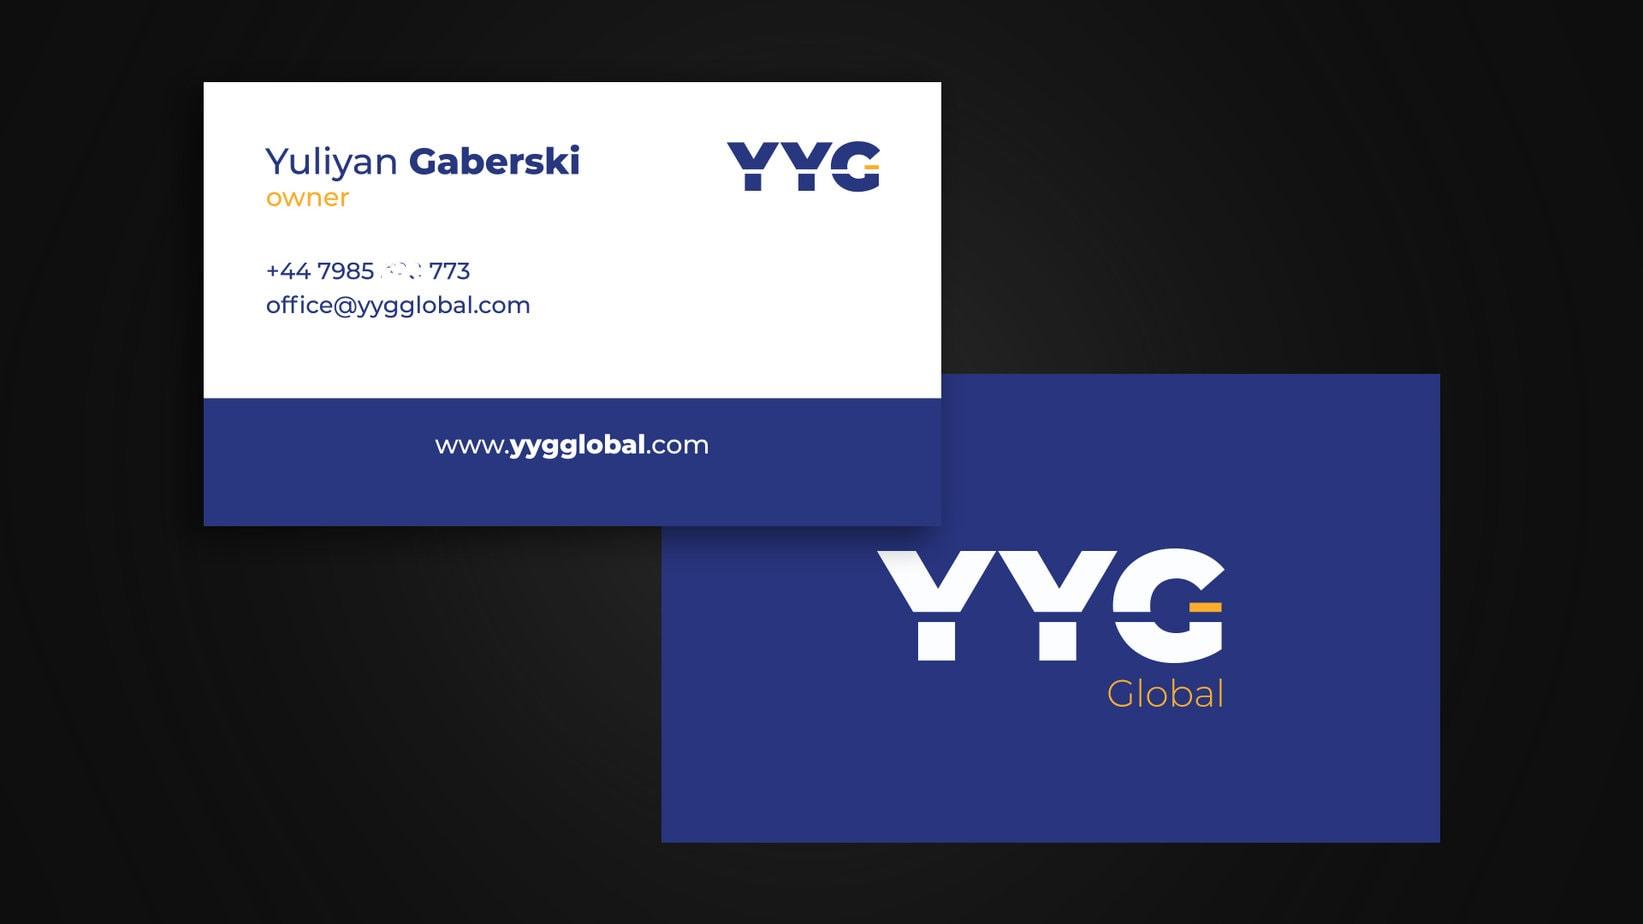 YYG Global business cards